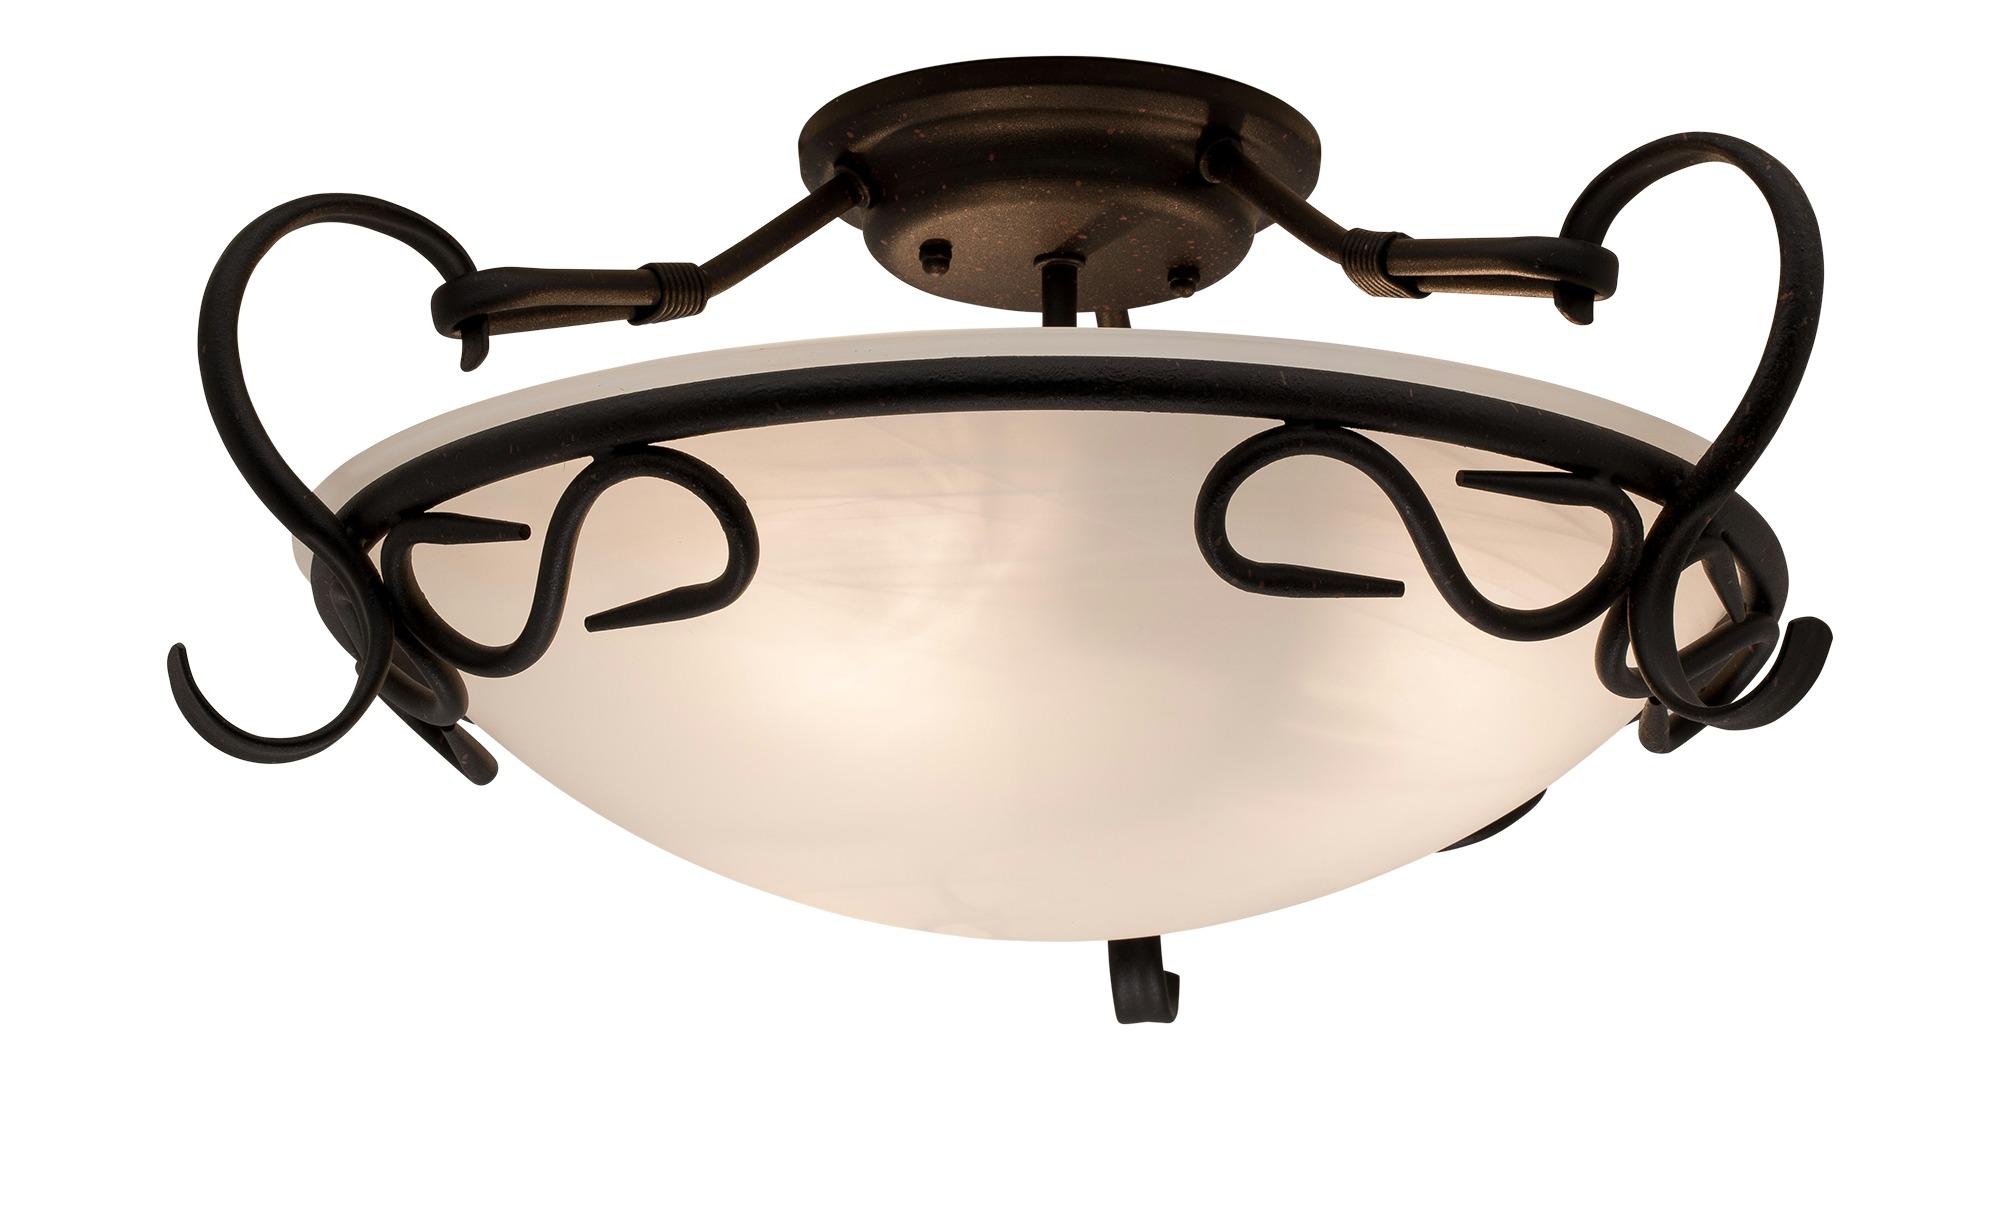 KHG Deckenleuchte im Antik-Design ¦ braun ¦ Maße (cm): H: 22 Ø: [43.0] Lampen & Leuchten > Innenleuchten > Deckenleuchten - Höffner